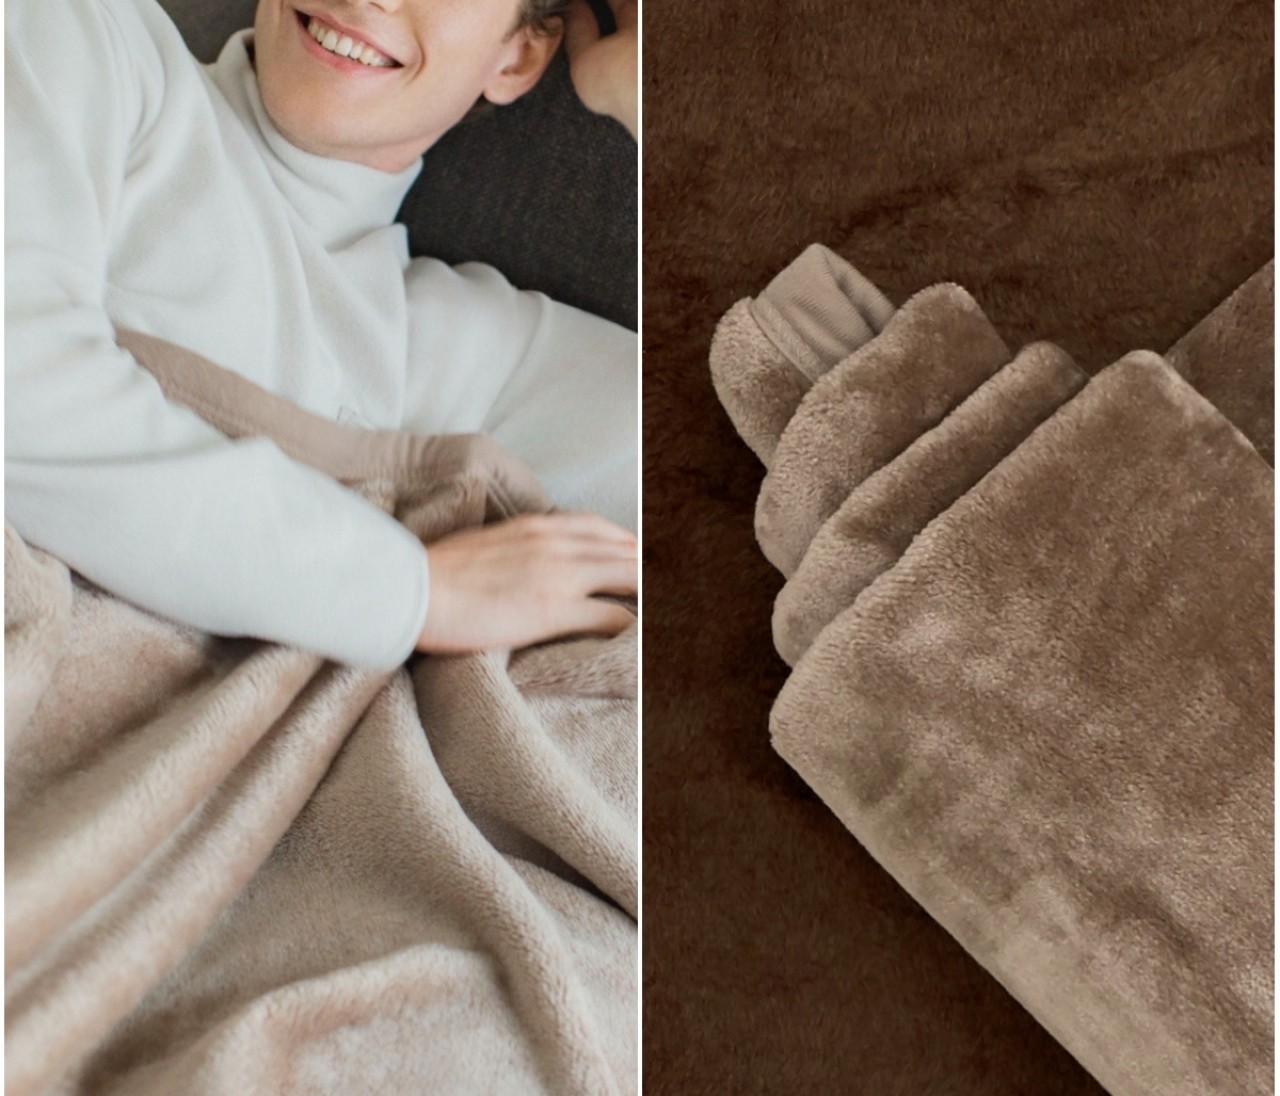 """【ユニクロ(UNIQLO)】「ヒートテック毛布」が店舗で発売スタート、""""暖かい・軽い・洗える""""オンラインで完売続きの隠れ名品がお店で買える!"""